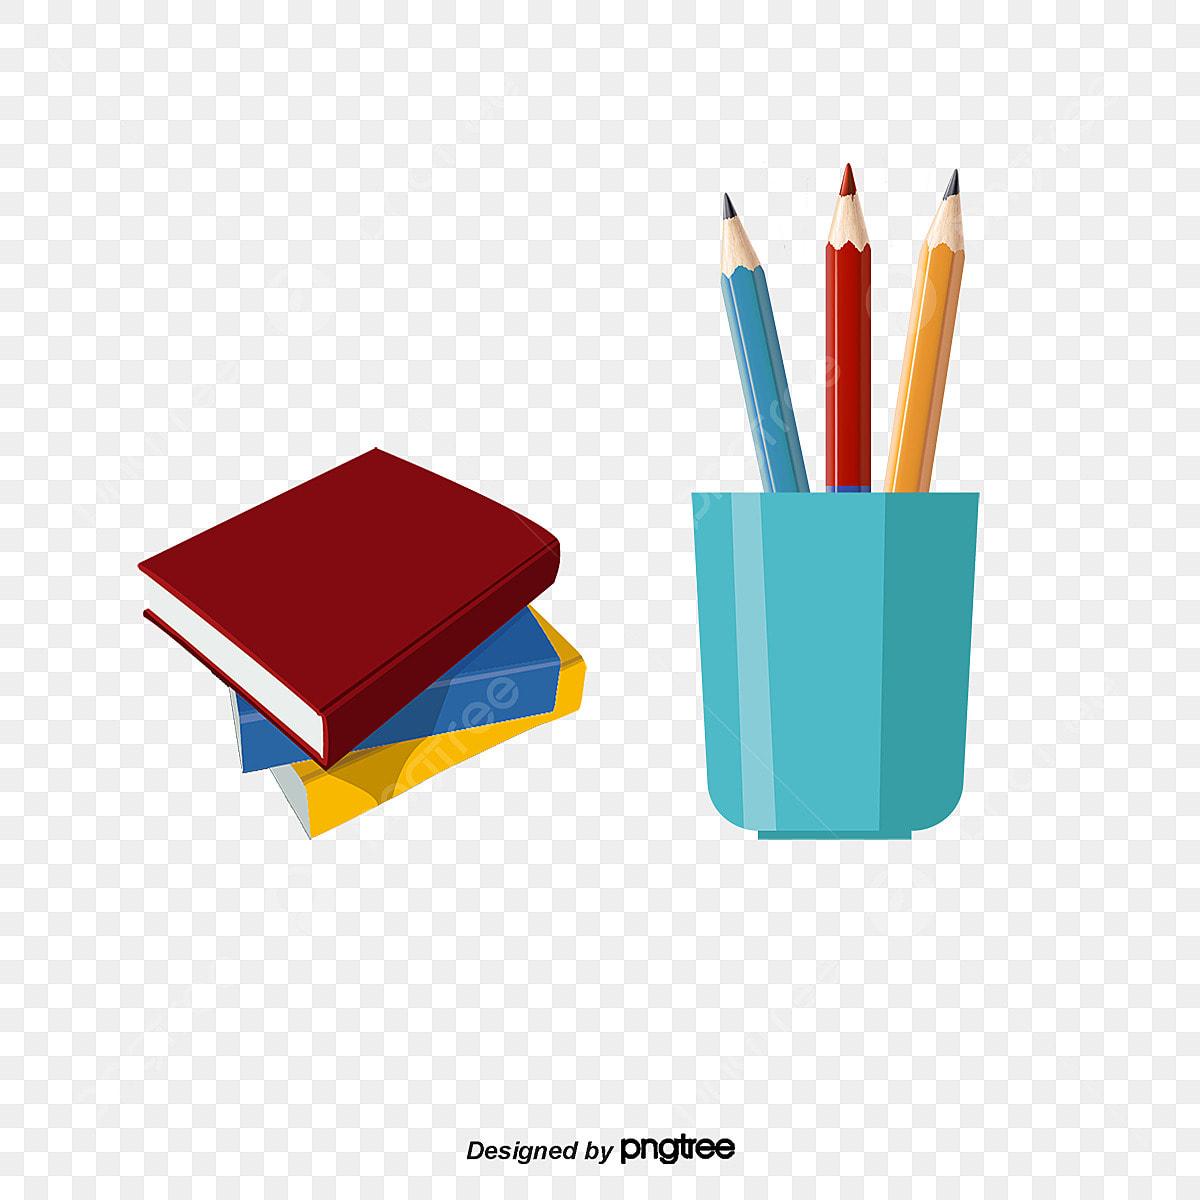 أقلام الرصاص و الكتب كتاب قلم كتب Png وملف Psd للتحميل مجانا